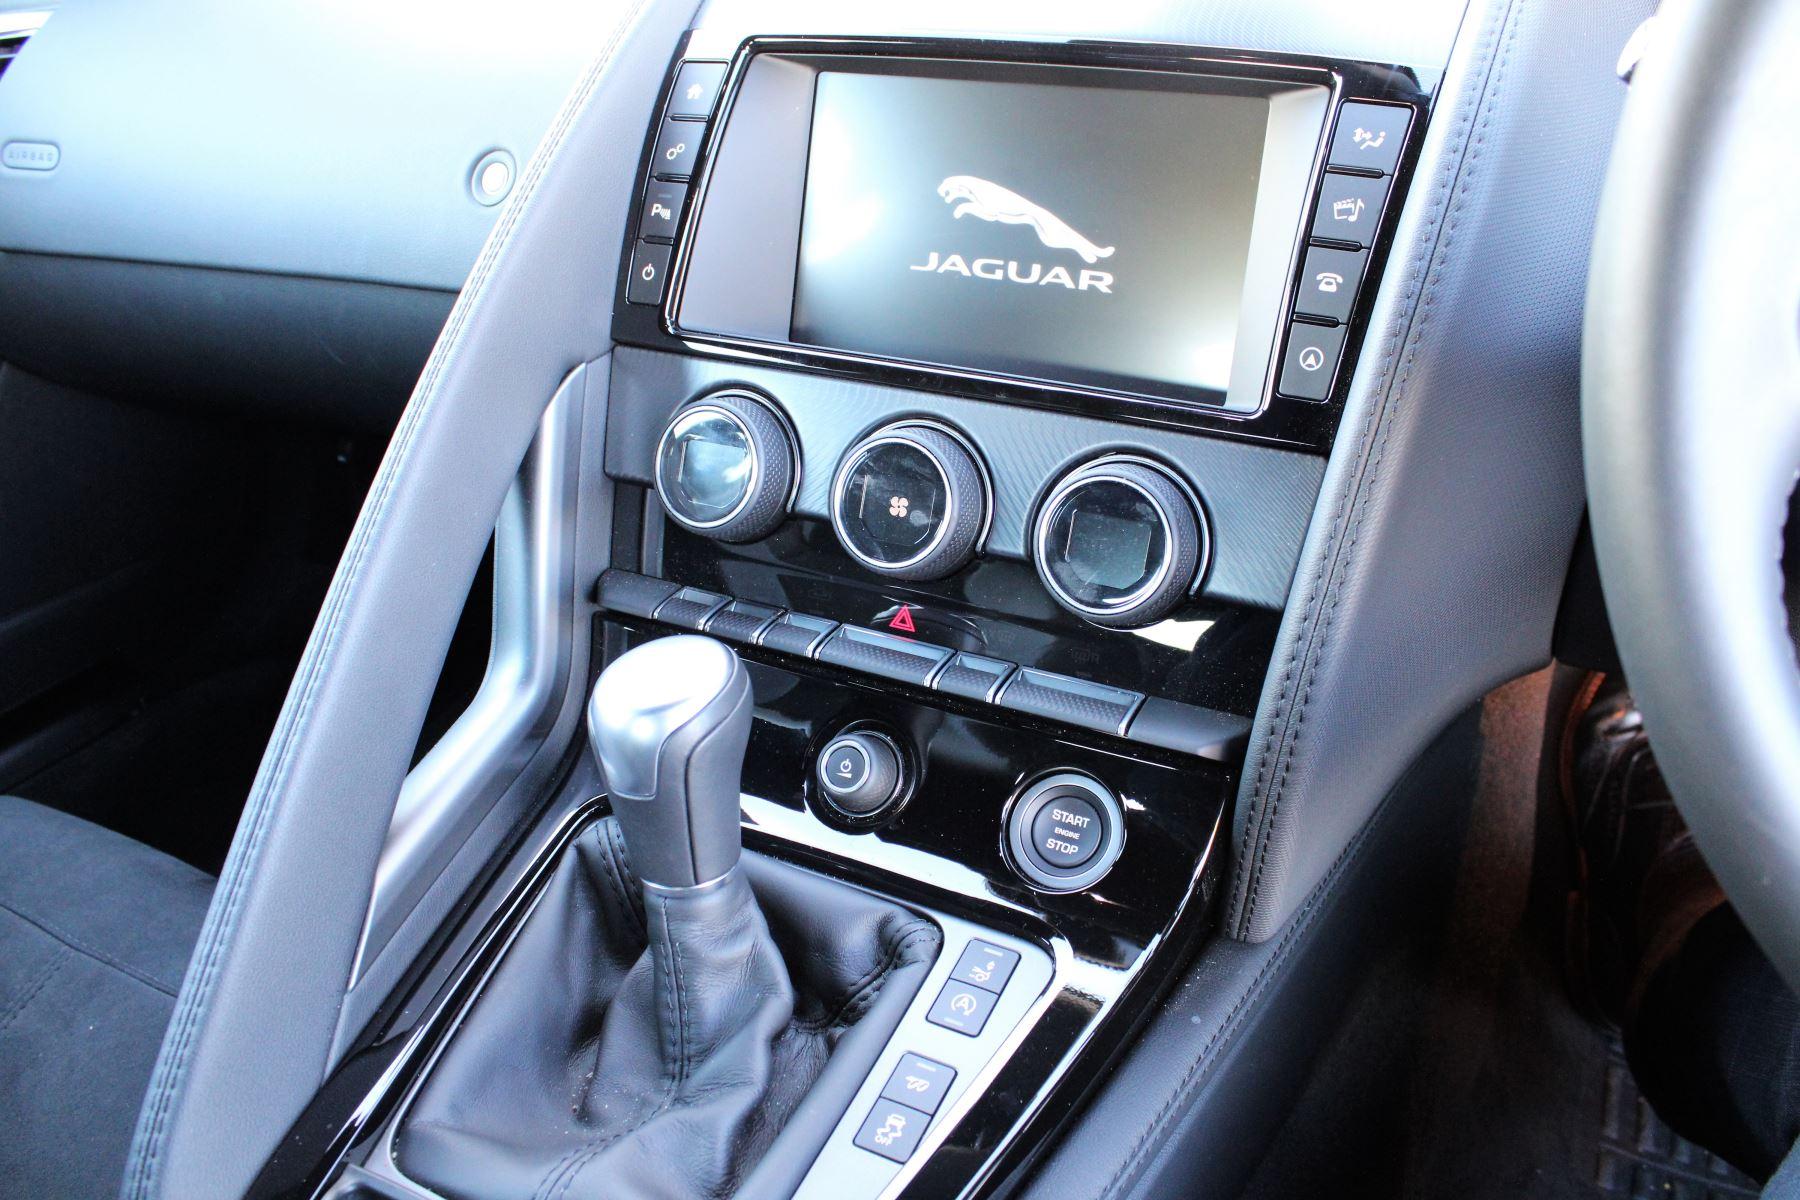 Jaguar F-TYPE 3.0 Supercharged V6 R-Dynamic 2dr image 20